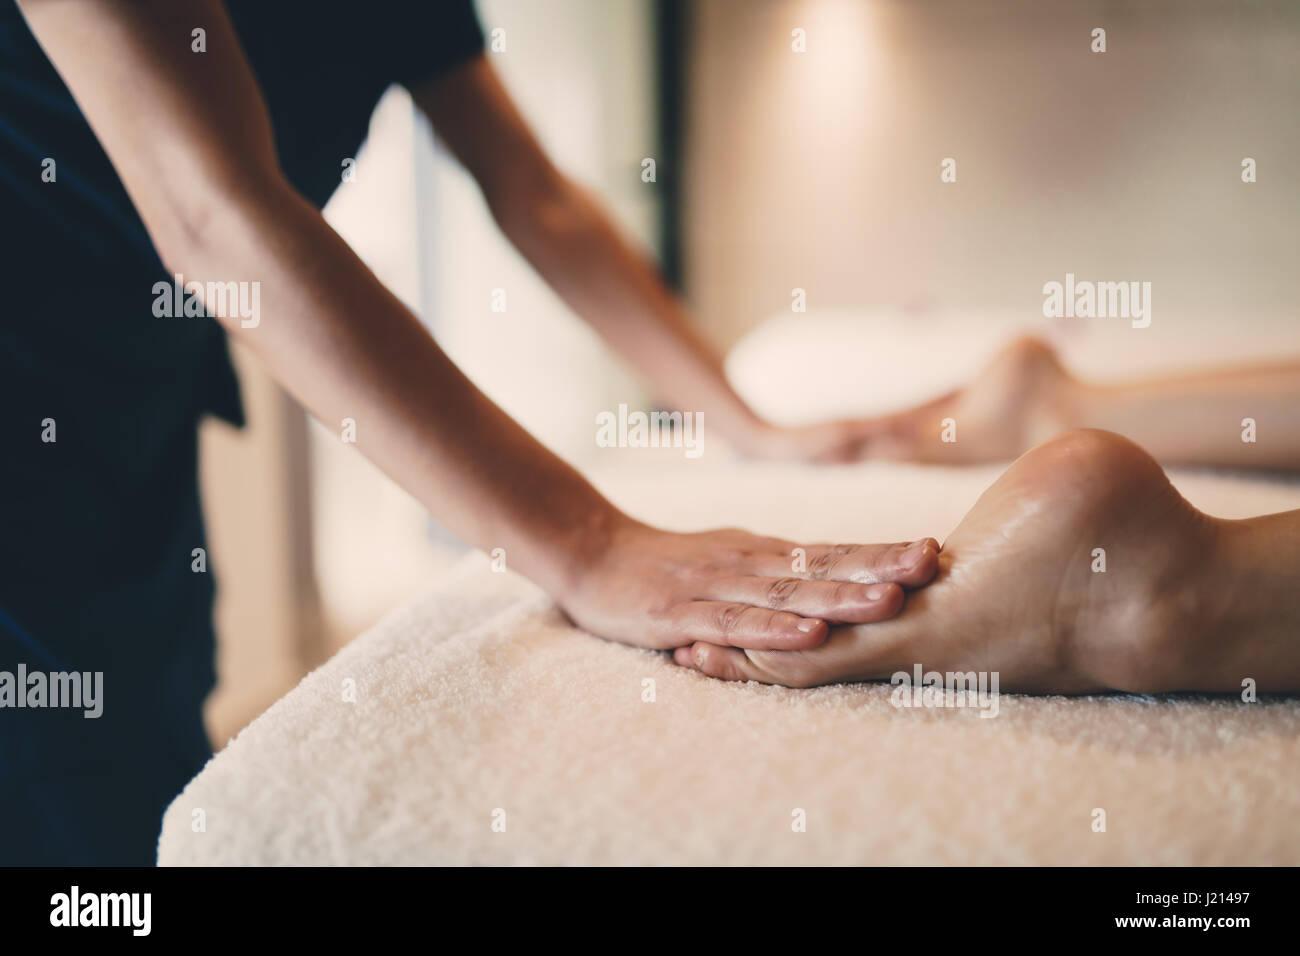 Fuß und Sohle Massage in therapeutische entspannen Behandlung im spa Stockbild